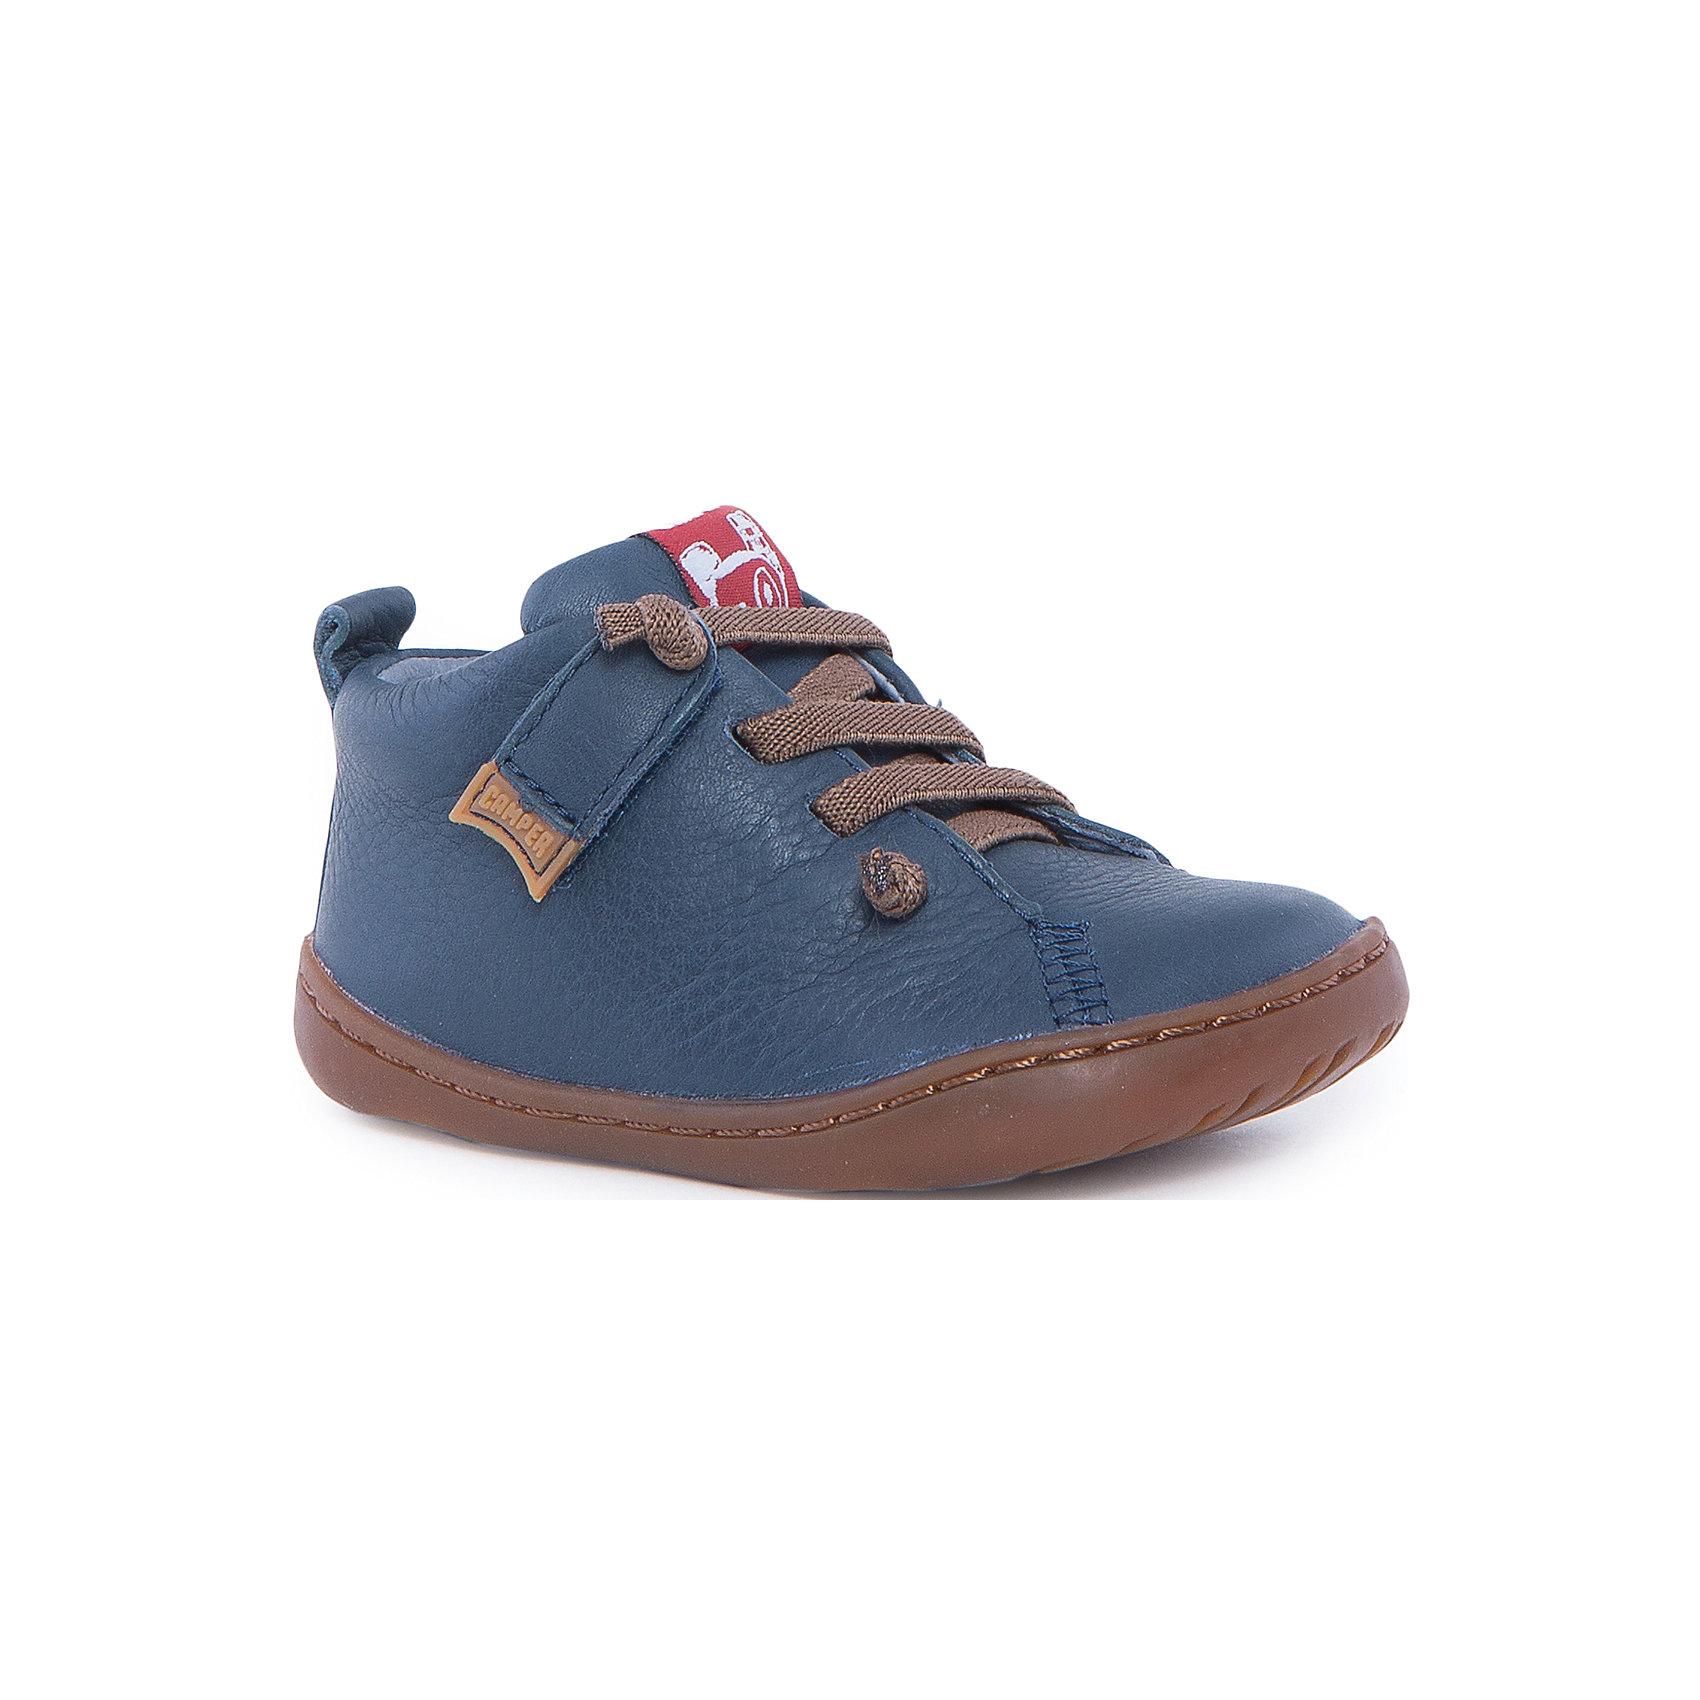 Ботинки для мальчика CamperХарактеристики:<br><br>• Предназначение: повседневная обувь<br>• Сезон: демисезонные<br>• Пол: для мальчика<br>• Цвет: синий, коричневый<br>• Материал верха и стельки: натуральная кожа<br>• Материал подошвы: резина<br>• Тип каблука и подошвы: плоская<br>• Тип застежки: на шнурках<br>• Уход: удаление загрязнений мягкой тканью<br><br>Полуботинки для мальчика Camper изготовлены испанским торговым брендом, специализирующимся на производстве обуви премиум-класса. Детская обувь Camper учитывает анатомические особенности детской растущей ноги, поэтому она изготавливается исключительно из натуральной кожи. Все элементы полуботинок прошиты зигзагообразной строчкой,  что придает обуви повышенную износоустойчивость. Также прошита подошва. Полуботинки имеют классическую форму и дизайн: выполнены в синем цвете, яркий элемент полуботинок: контрастирующие с основным цветом шнурки.<br><br>Полуботинки для мальчика Camper можно купить в нашем интернет-магазине.<br><br>Ширина мм: 262<br>Глубина мм: 176<br>Высота мм: 97<br>Вес г: 427<br>Цвет: синий<br>Возраст от месяцев: 18<br>Возраст до месяцев: 21<br>Пол: Мужской<br>Возраст: Детский<br>Размер: 23,21,22,25,24<br>SKU: 4974842